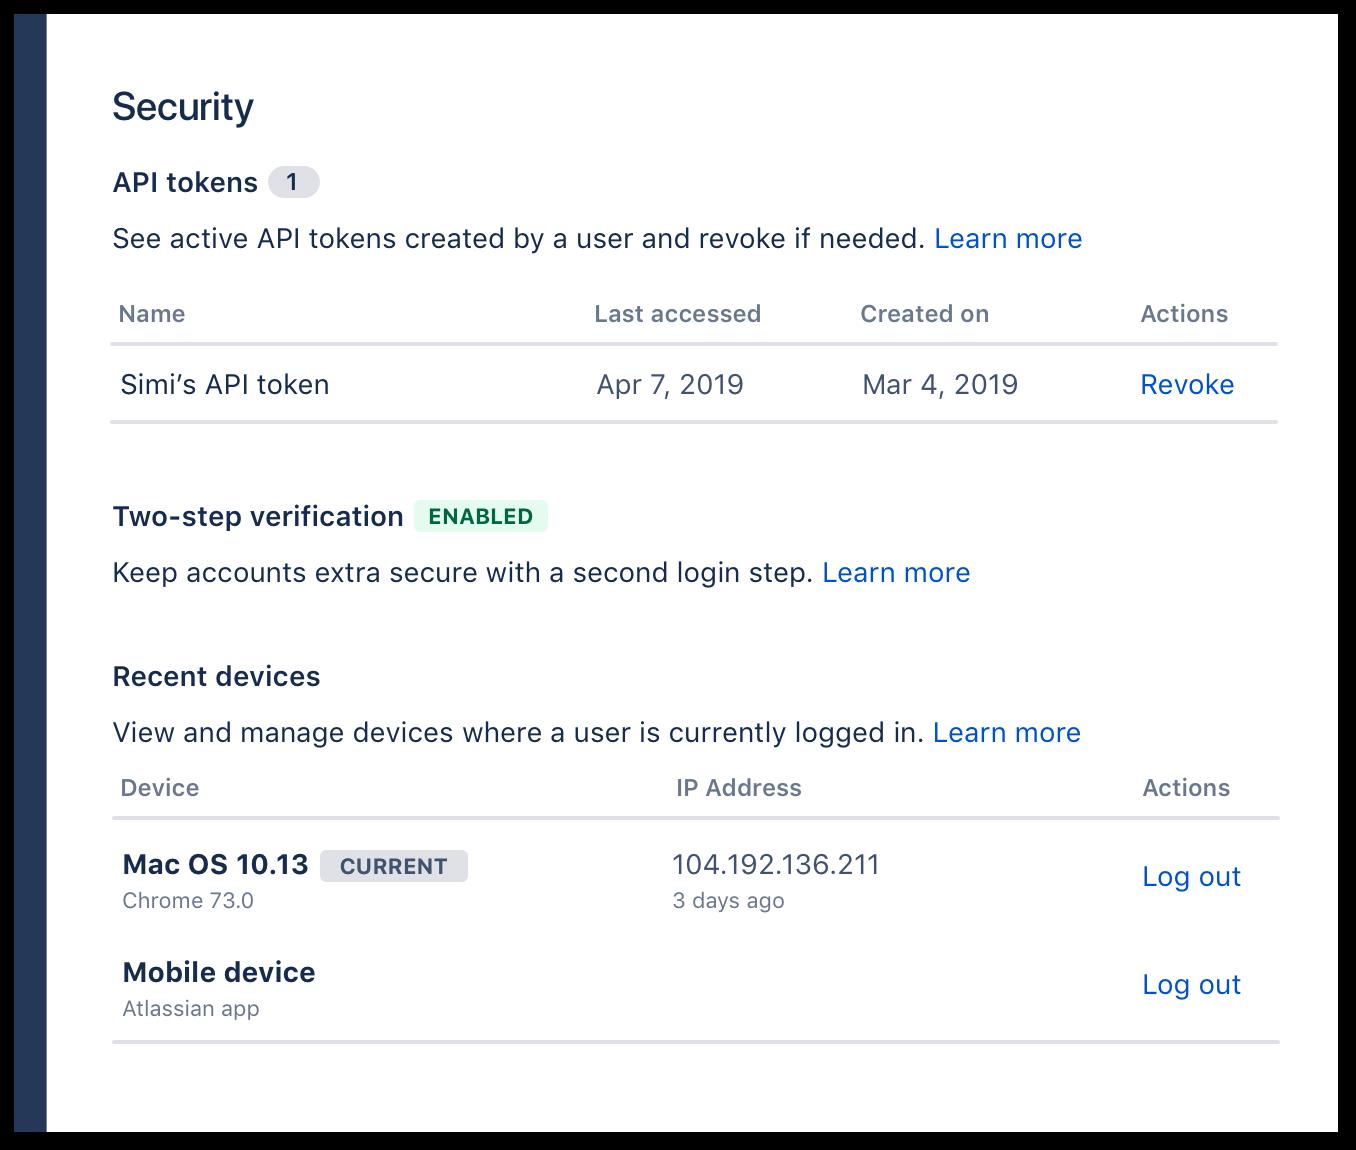 segurança-reforçada-do-atlassian-access